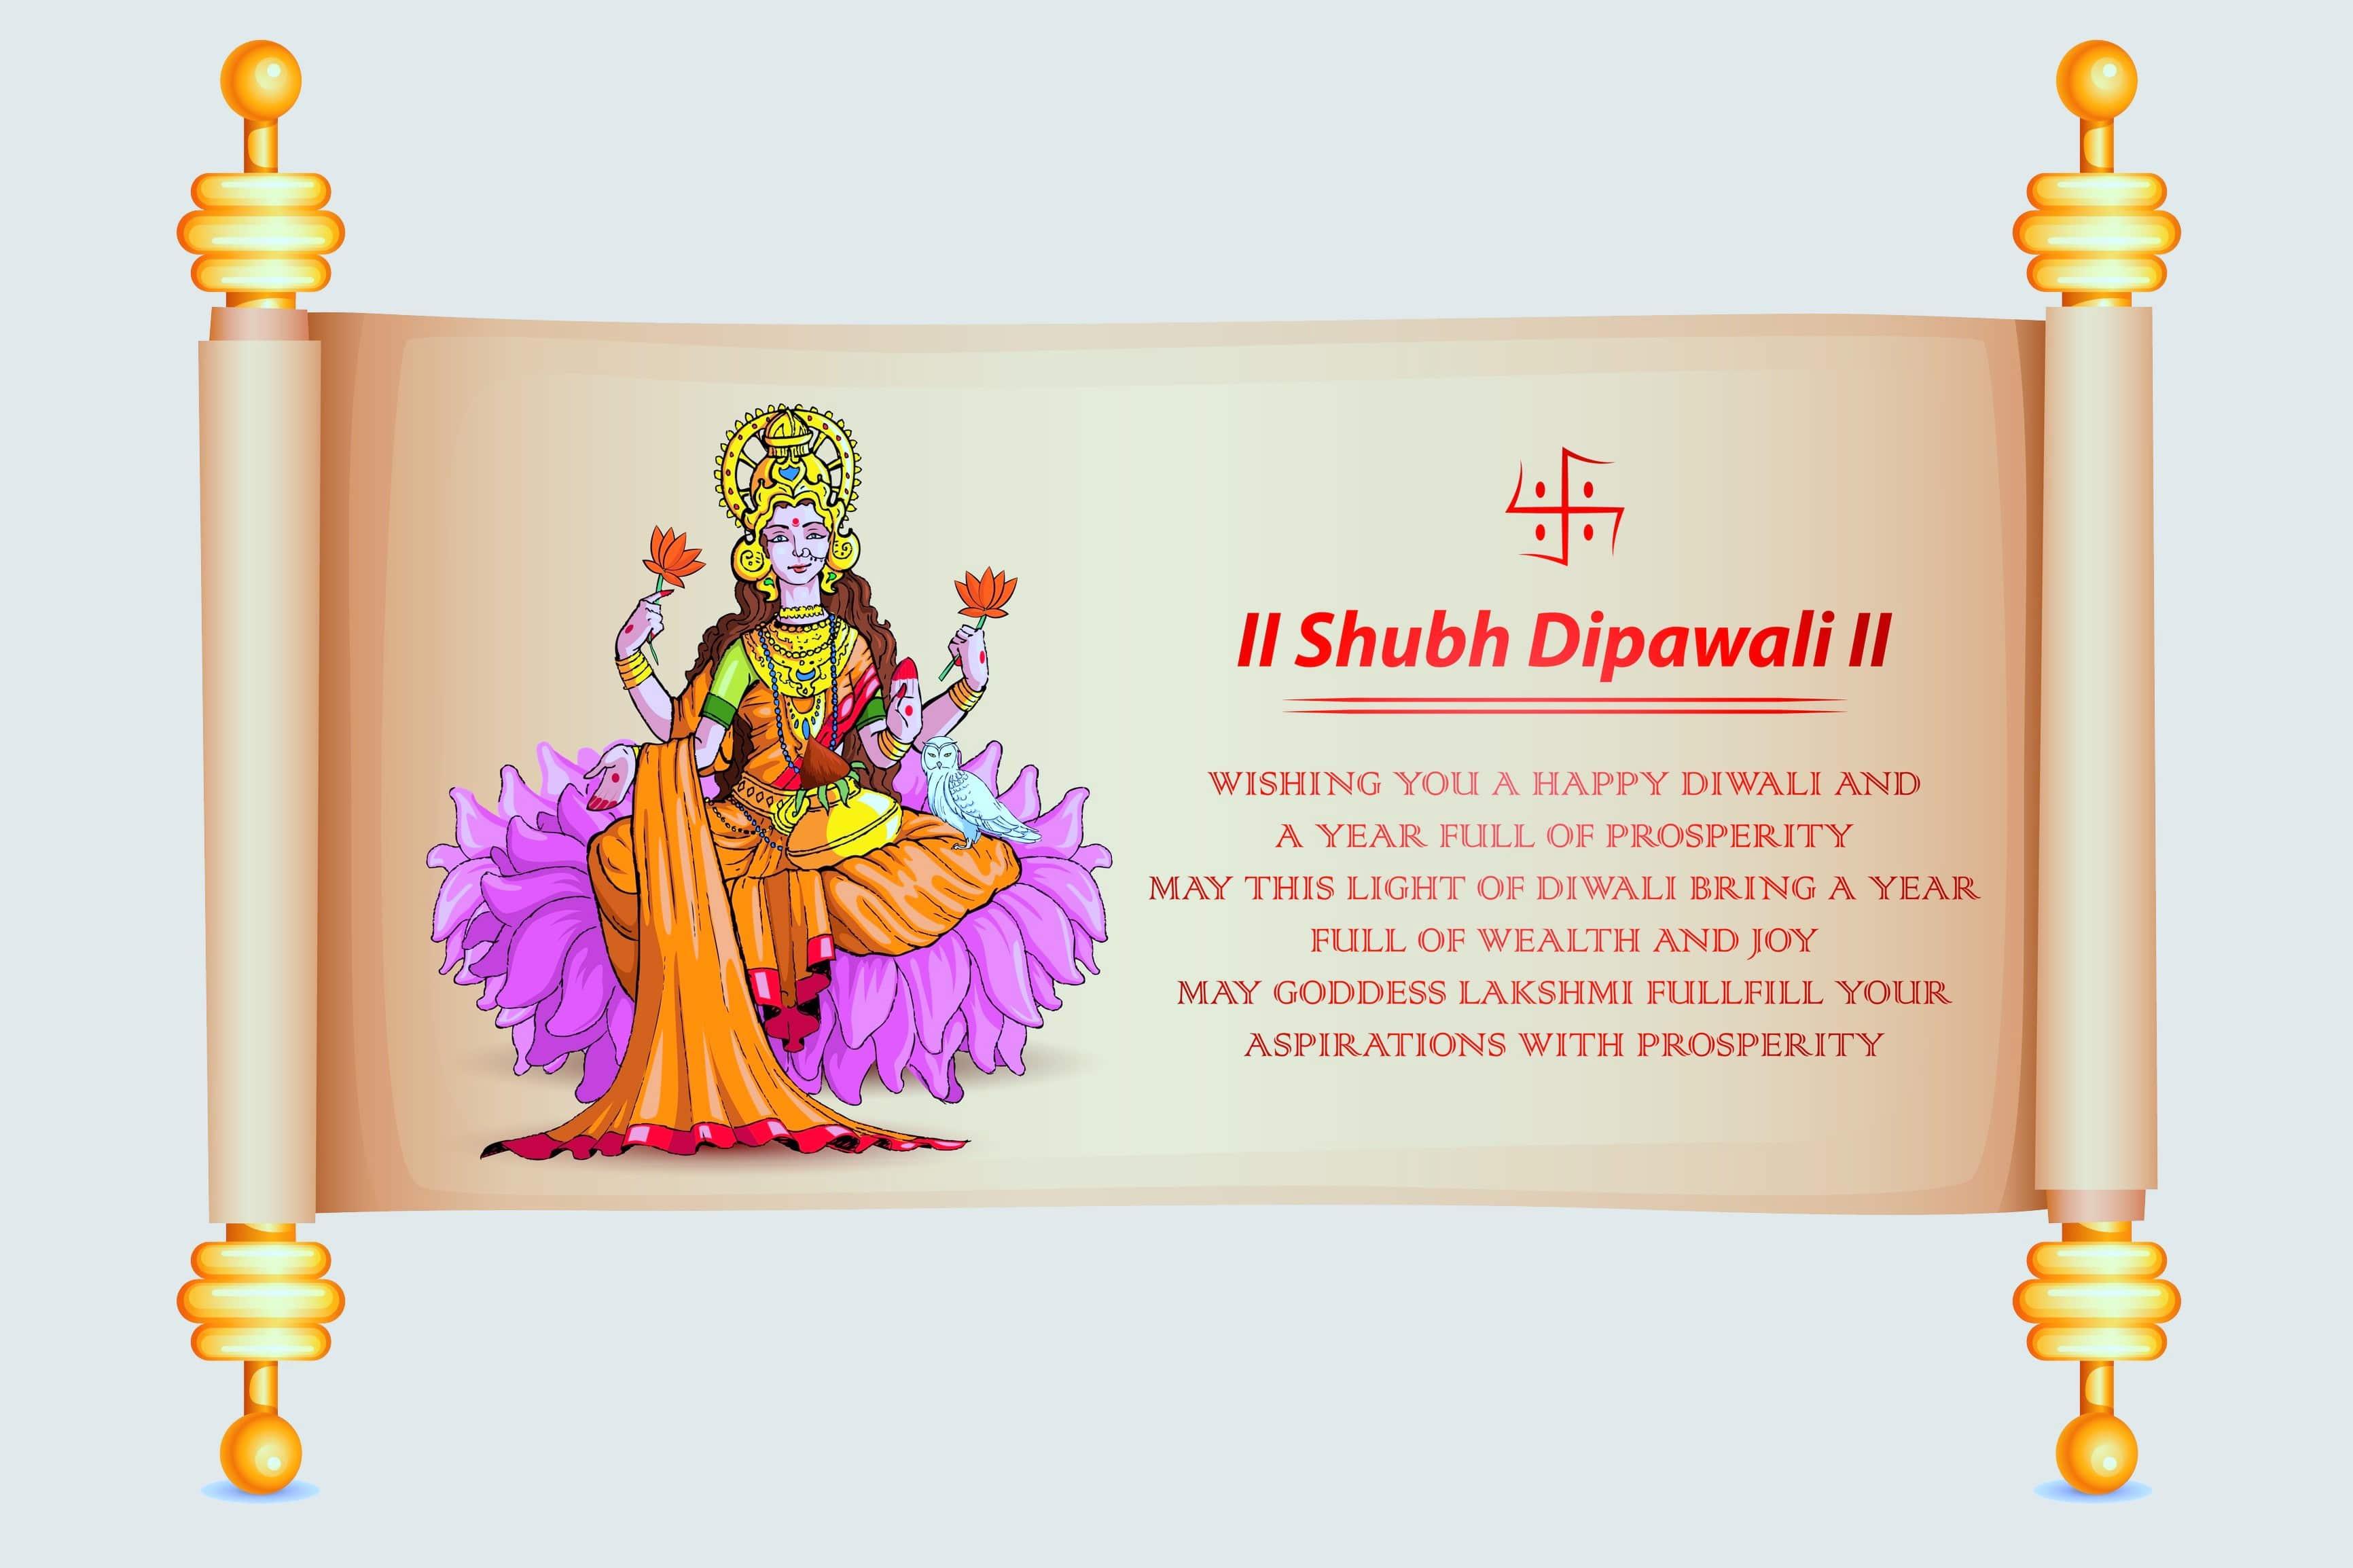 Shubh Dipawali Quotes